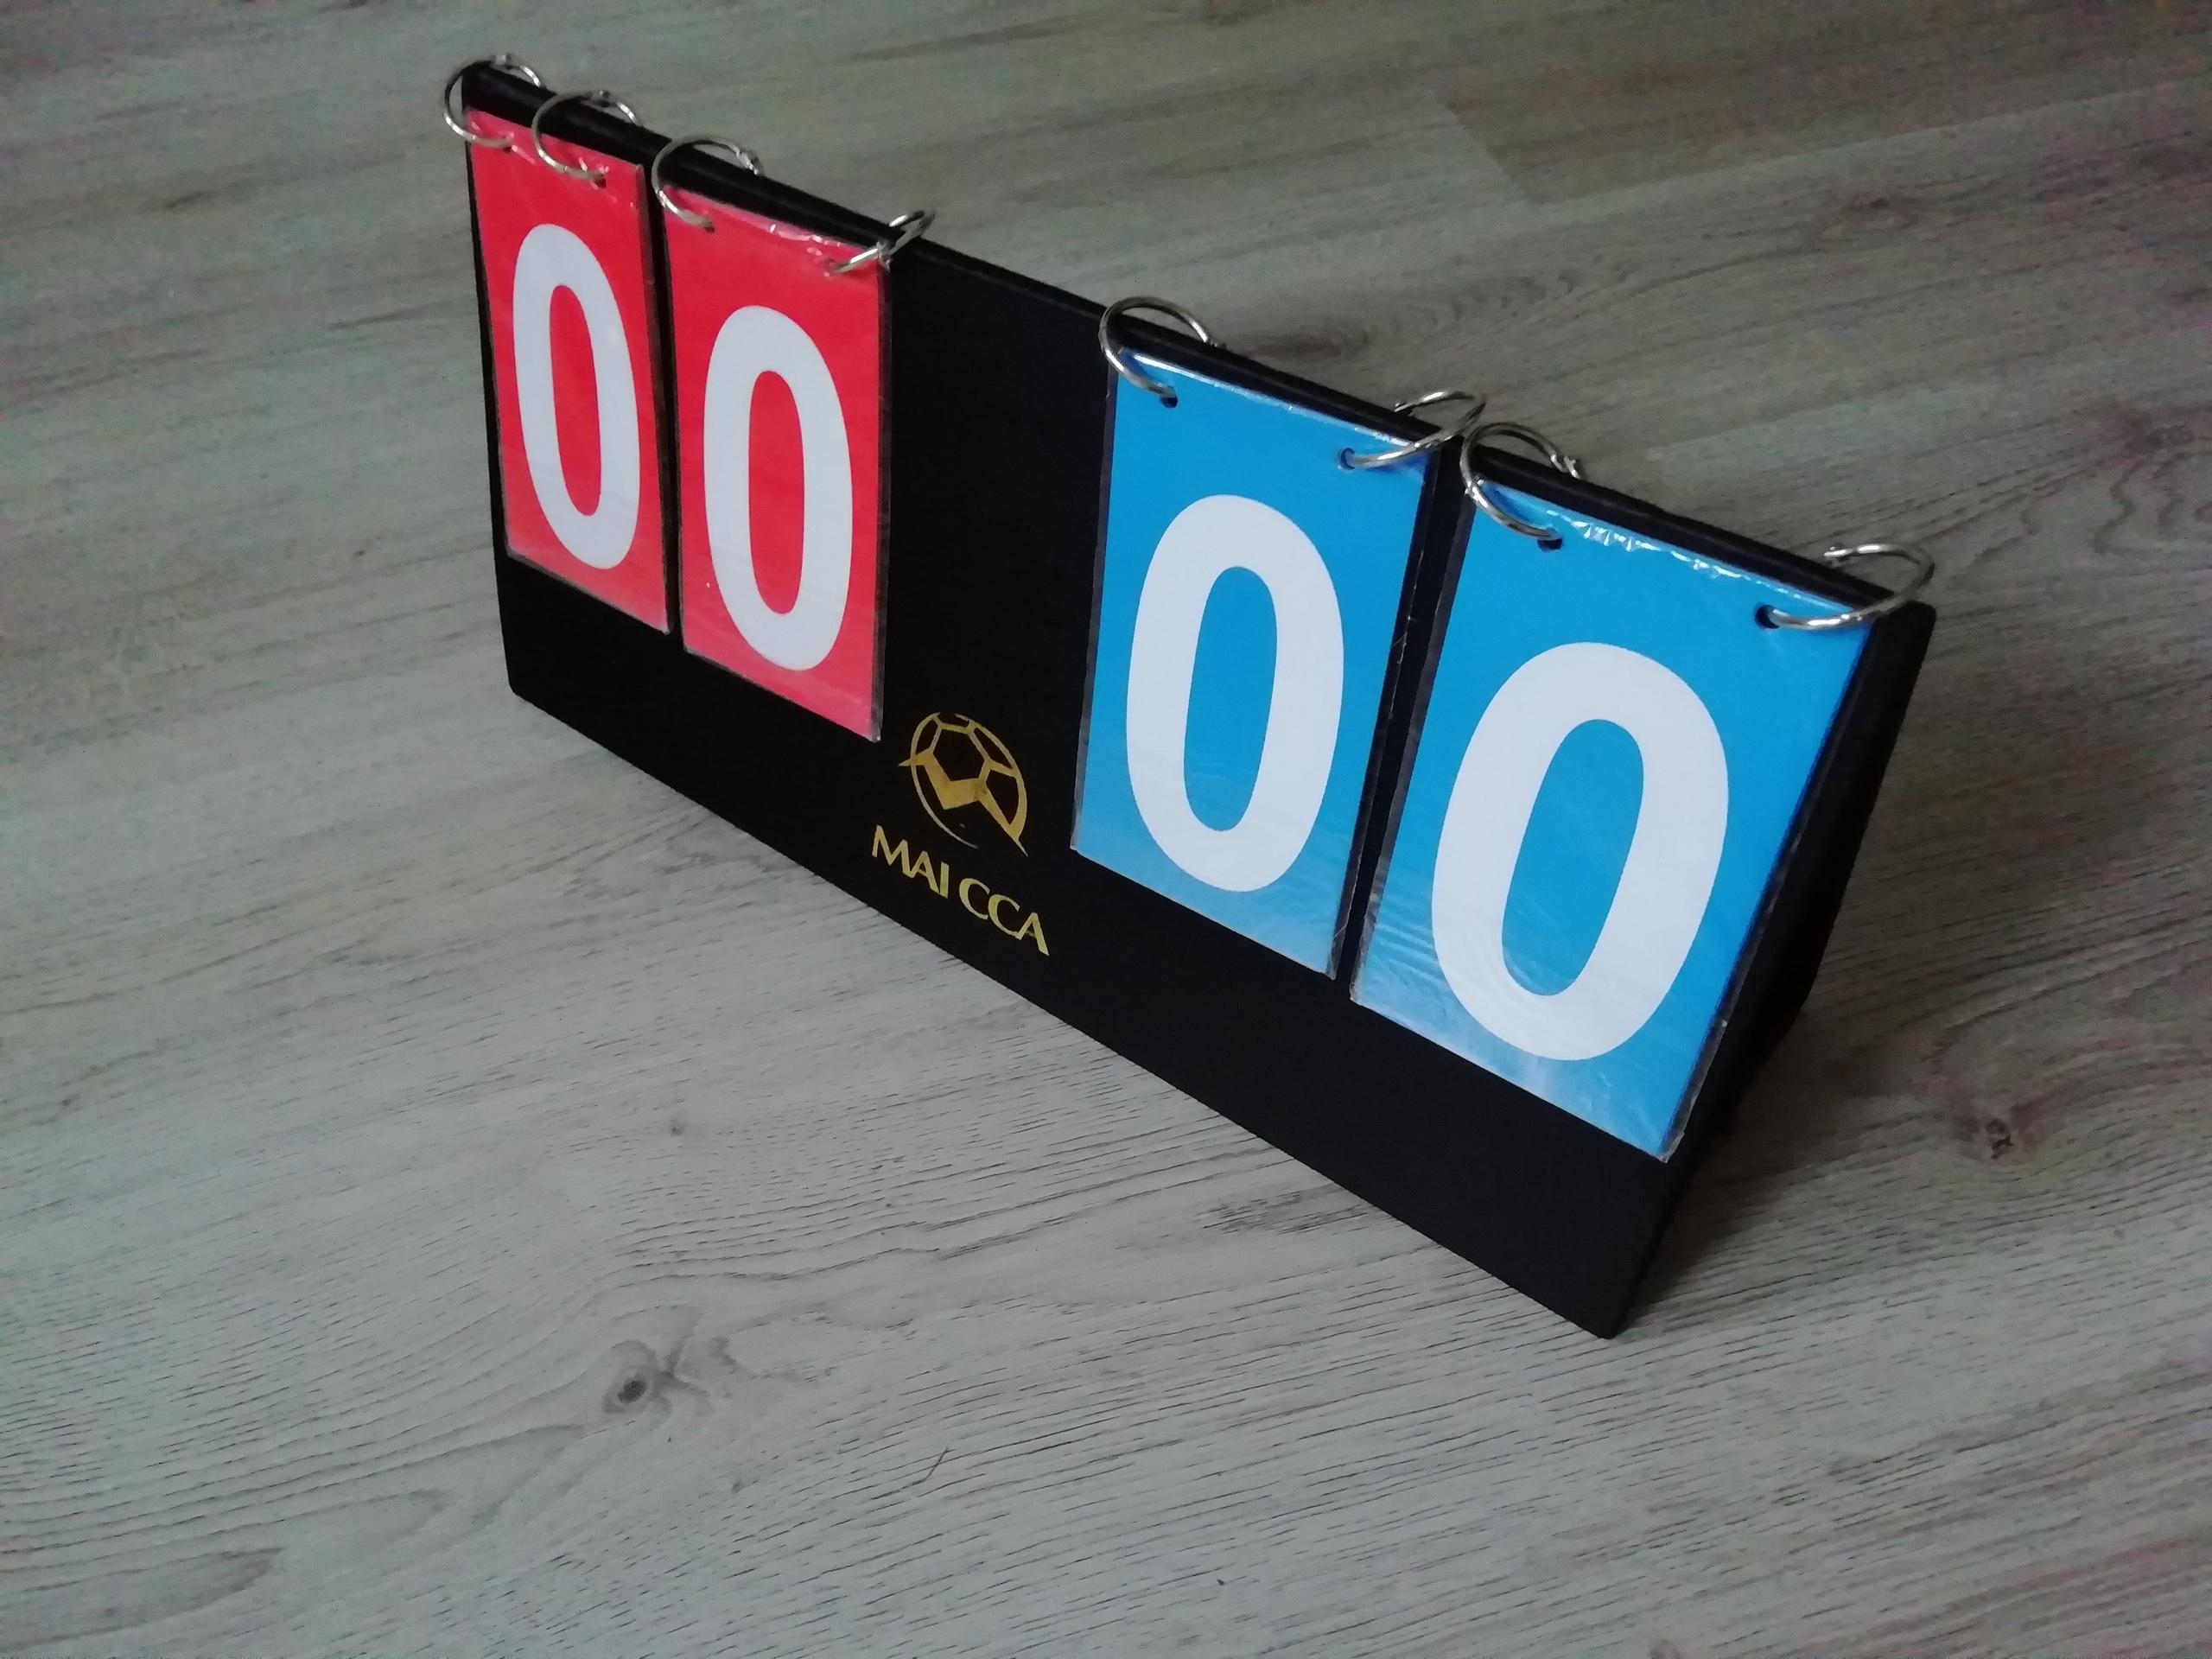 купить спортивный тренировочный игровой футбольный инвентарь самара